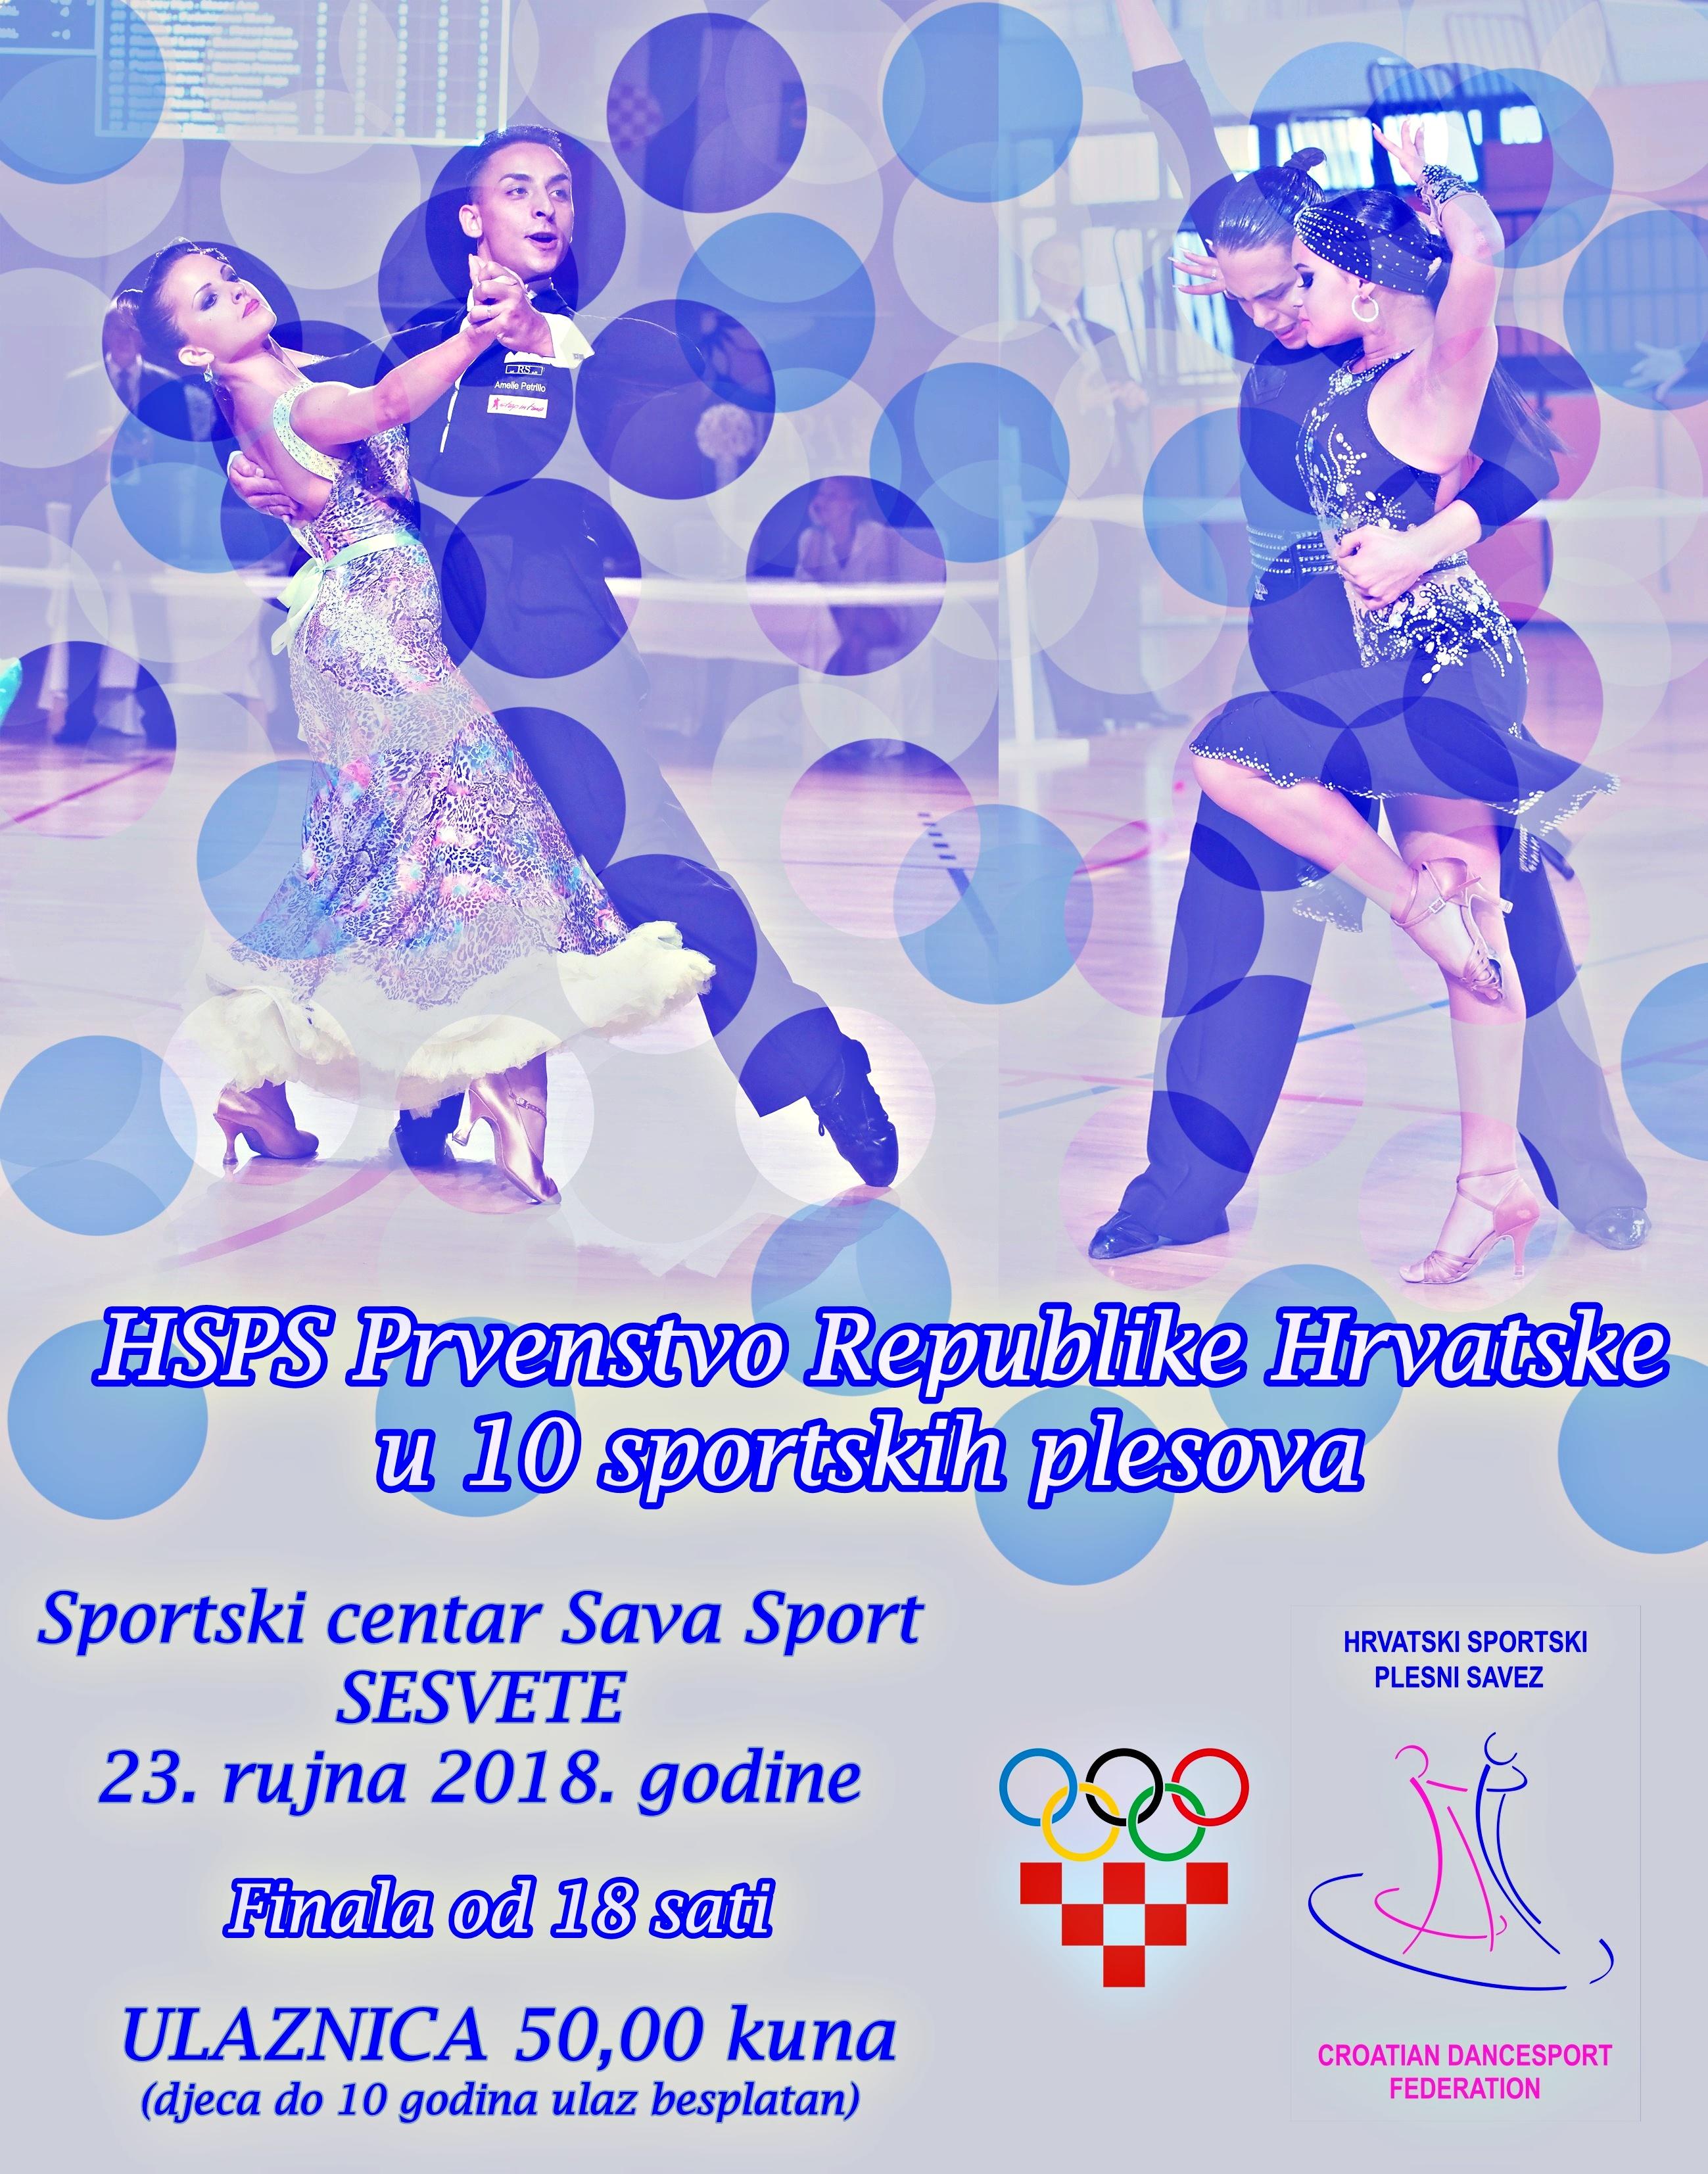 HSPS Prvenstvo Republike Hrvatske u kombinaciji 10 sportskih plesova